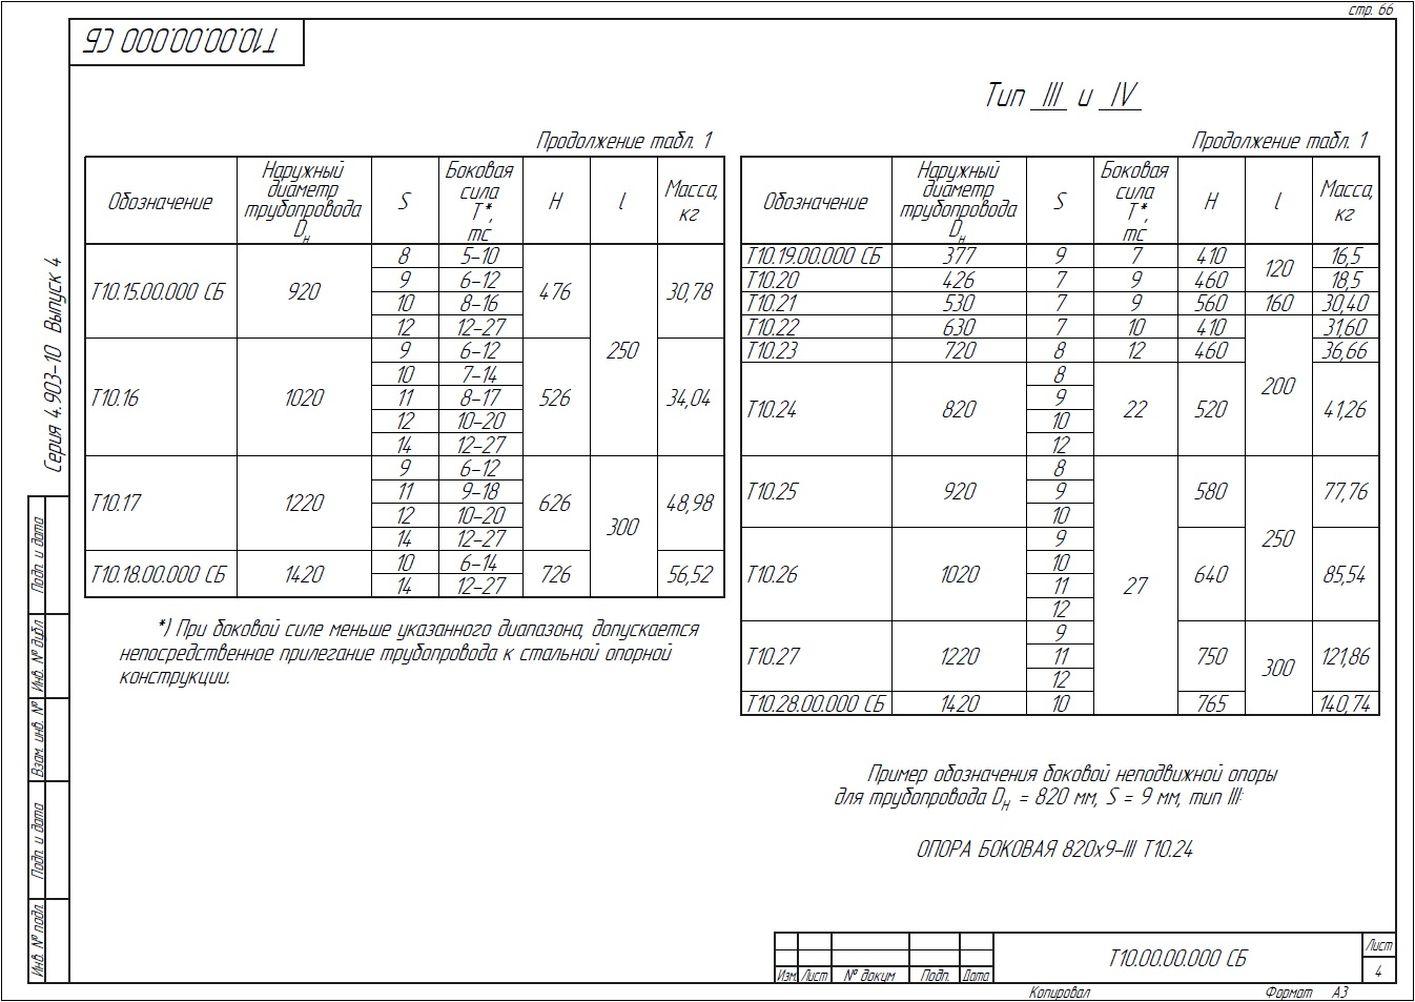 Опора неподвижная боковая Т10 серия 4.903-10 вып.4 стр.4